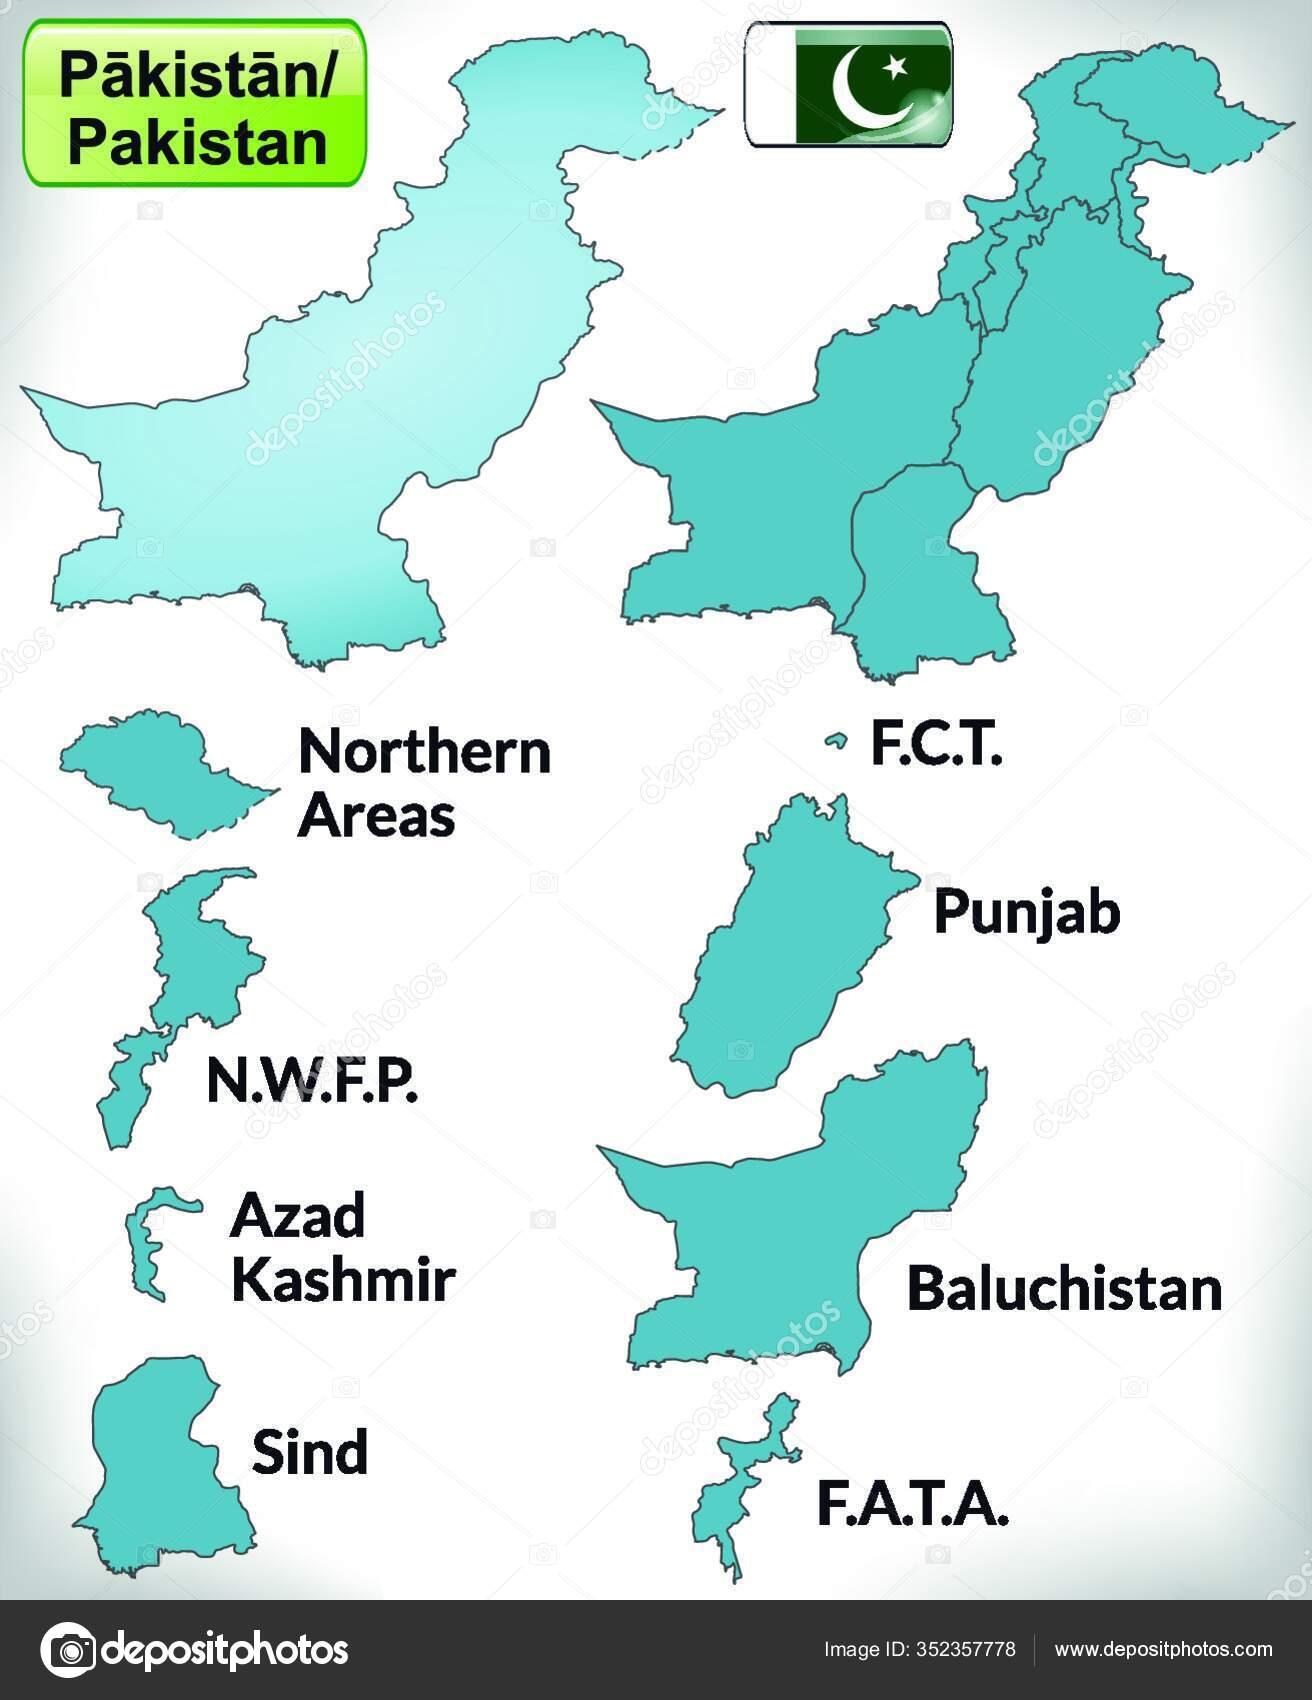 Pakistan Asia Sebagai Peta Batas Dengan Batas Berwarna Biru Desain — Stok  Vektor © PantherMediaSeller #352357778